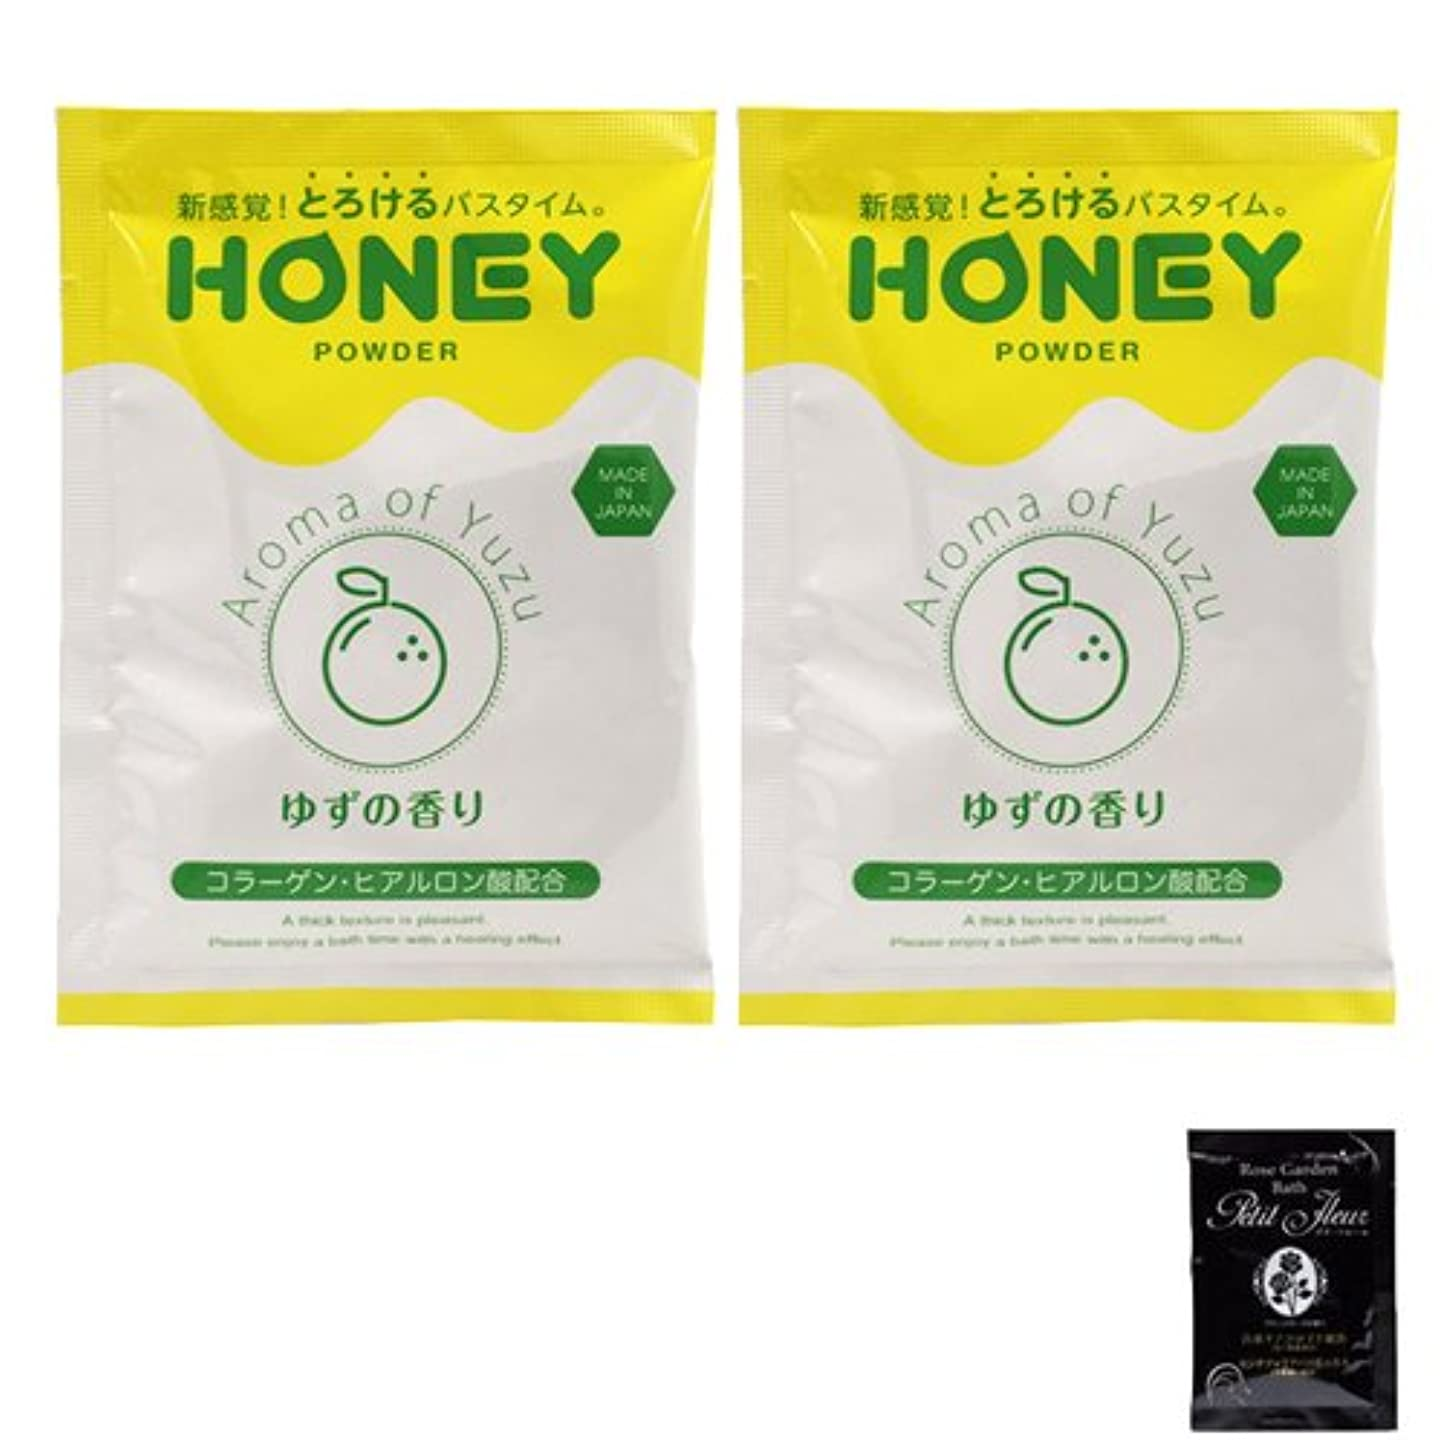 かるおもてなし本質的ではない【honey powder】(ハニーパウダー) ゆずの香り 粉末タイプ×2個 + 入浴剤プチフルール1回分セット